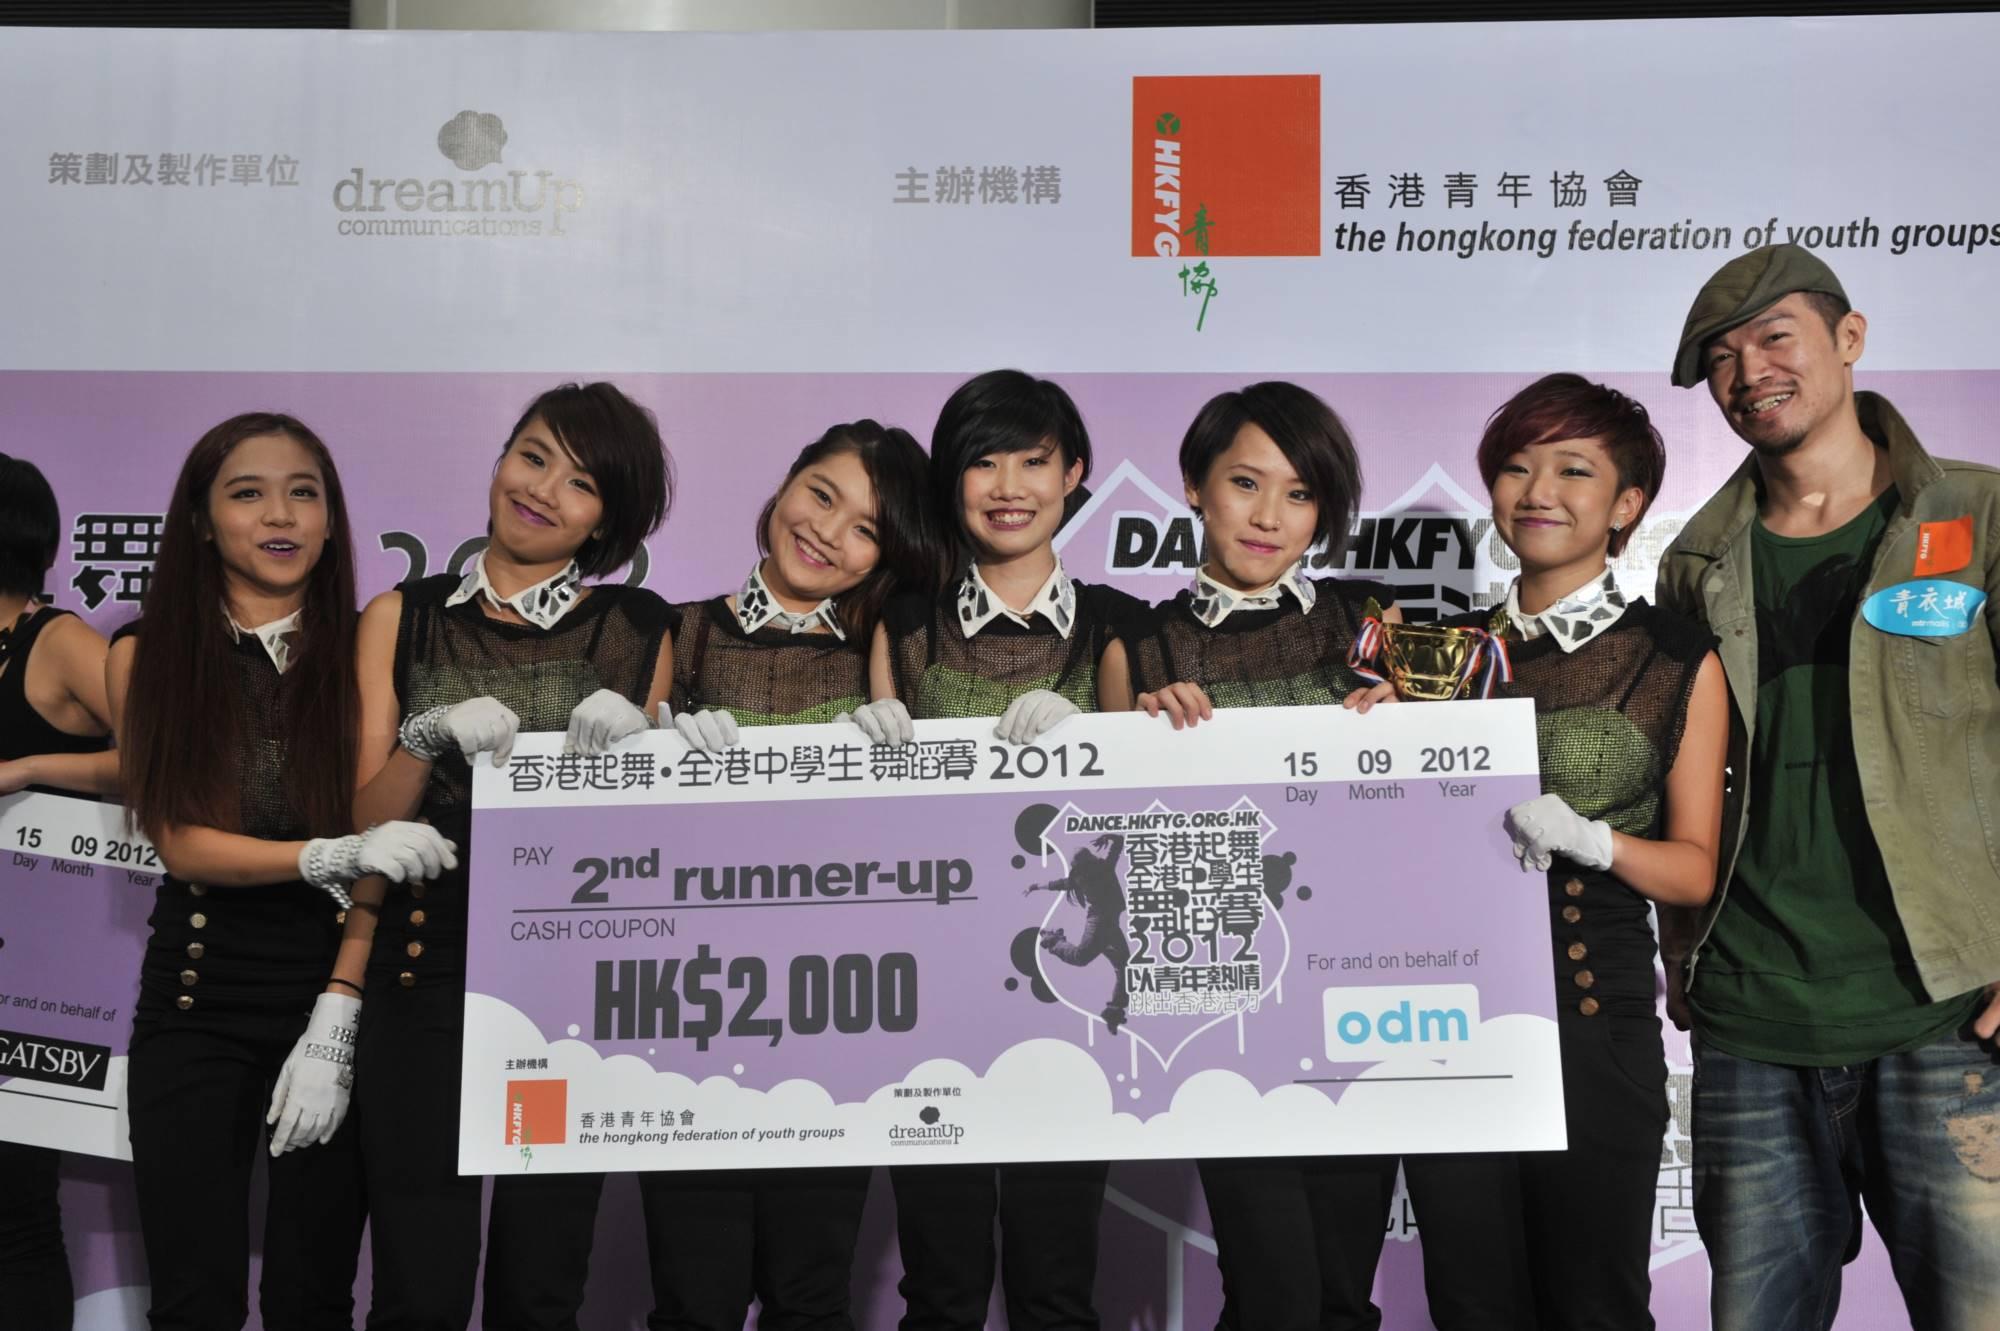 全港中學生舞蹈賽2012得獎隊伍 (2)